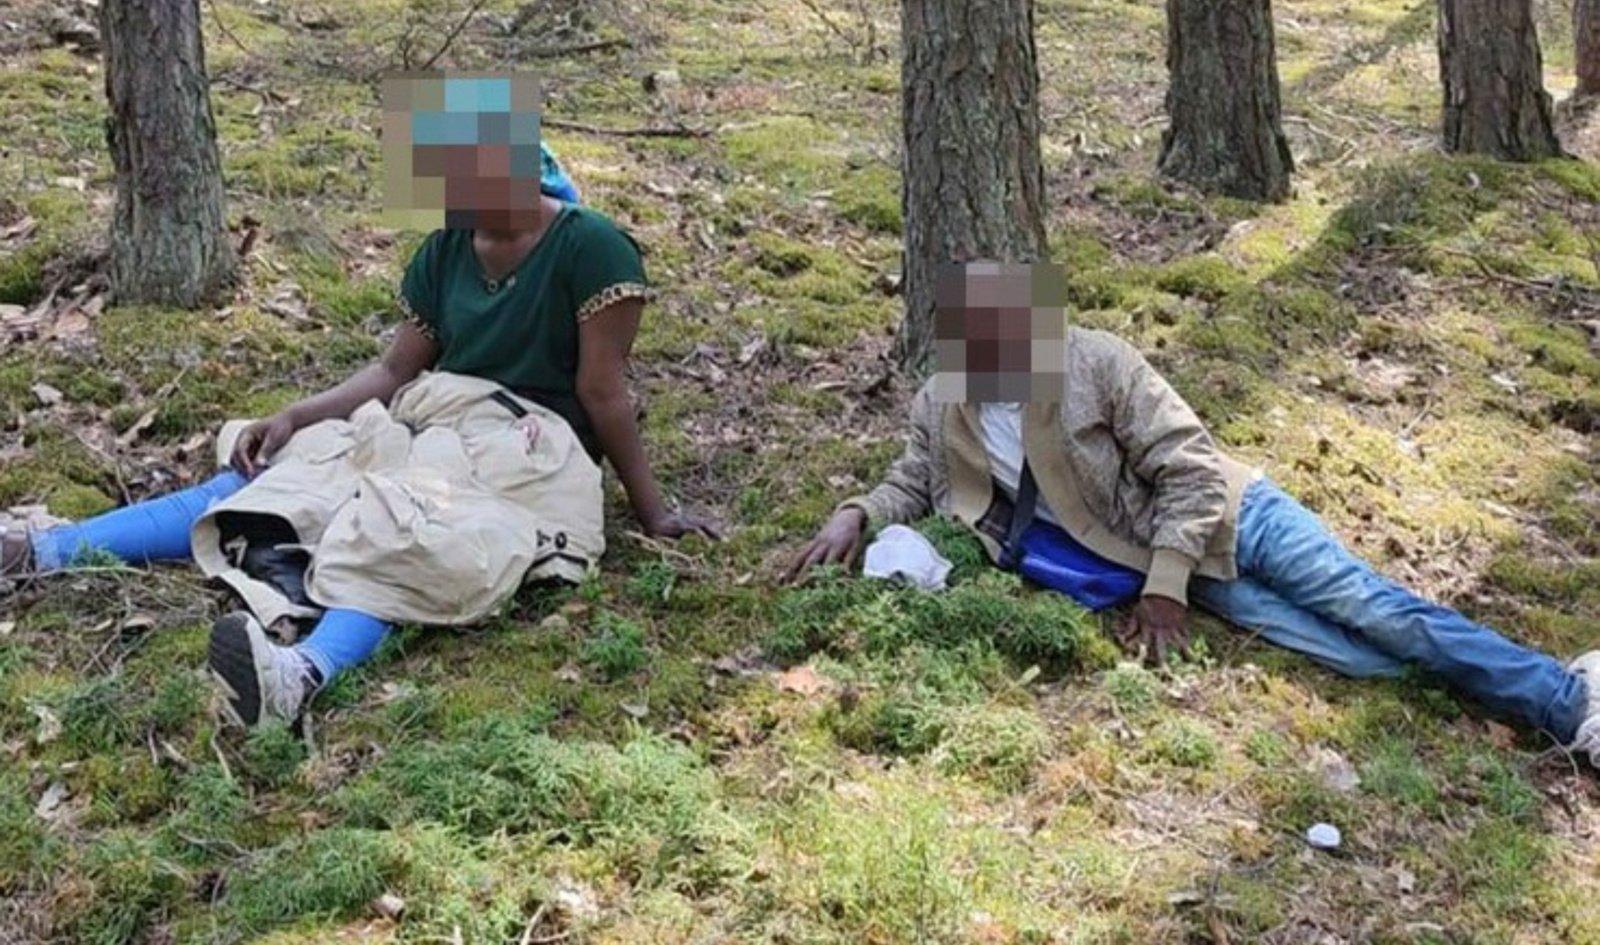 Trečiadienį sulaikyta 118 migrantų, iš Baltarusijos patekusių irakiečių skaičius perkopė 2 tūkstančius